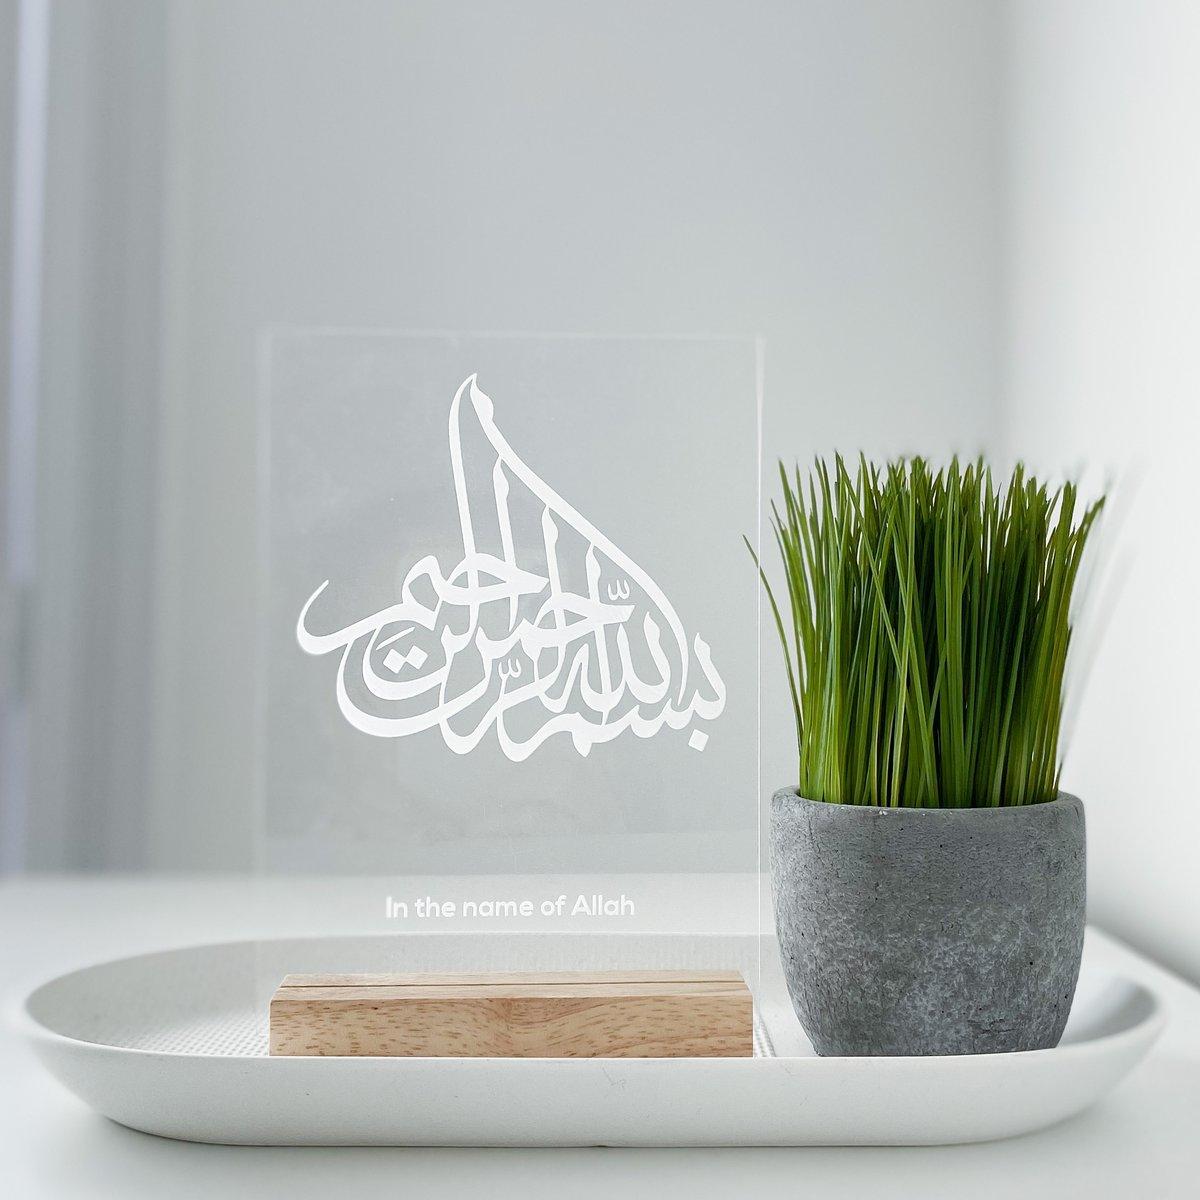 Image of acrylic bismillah